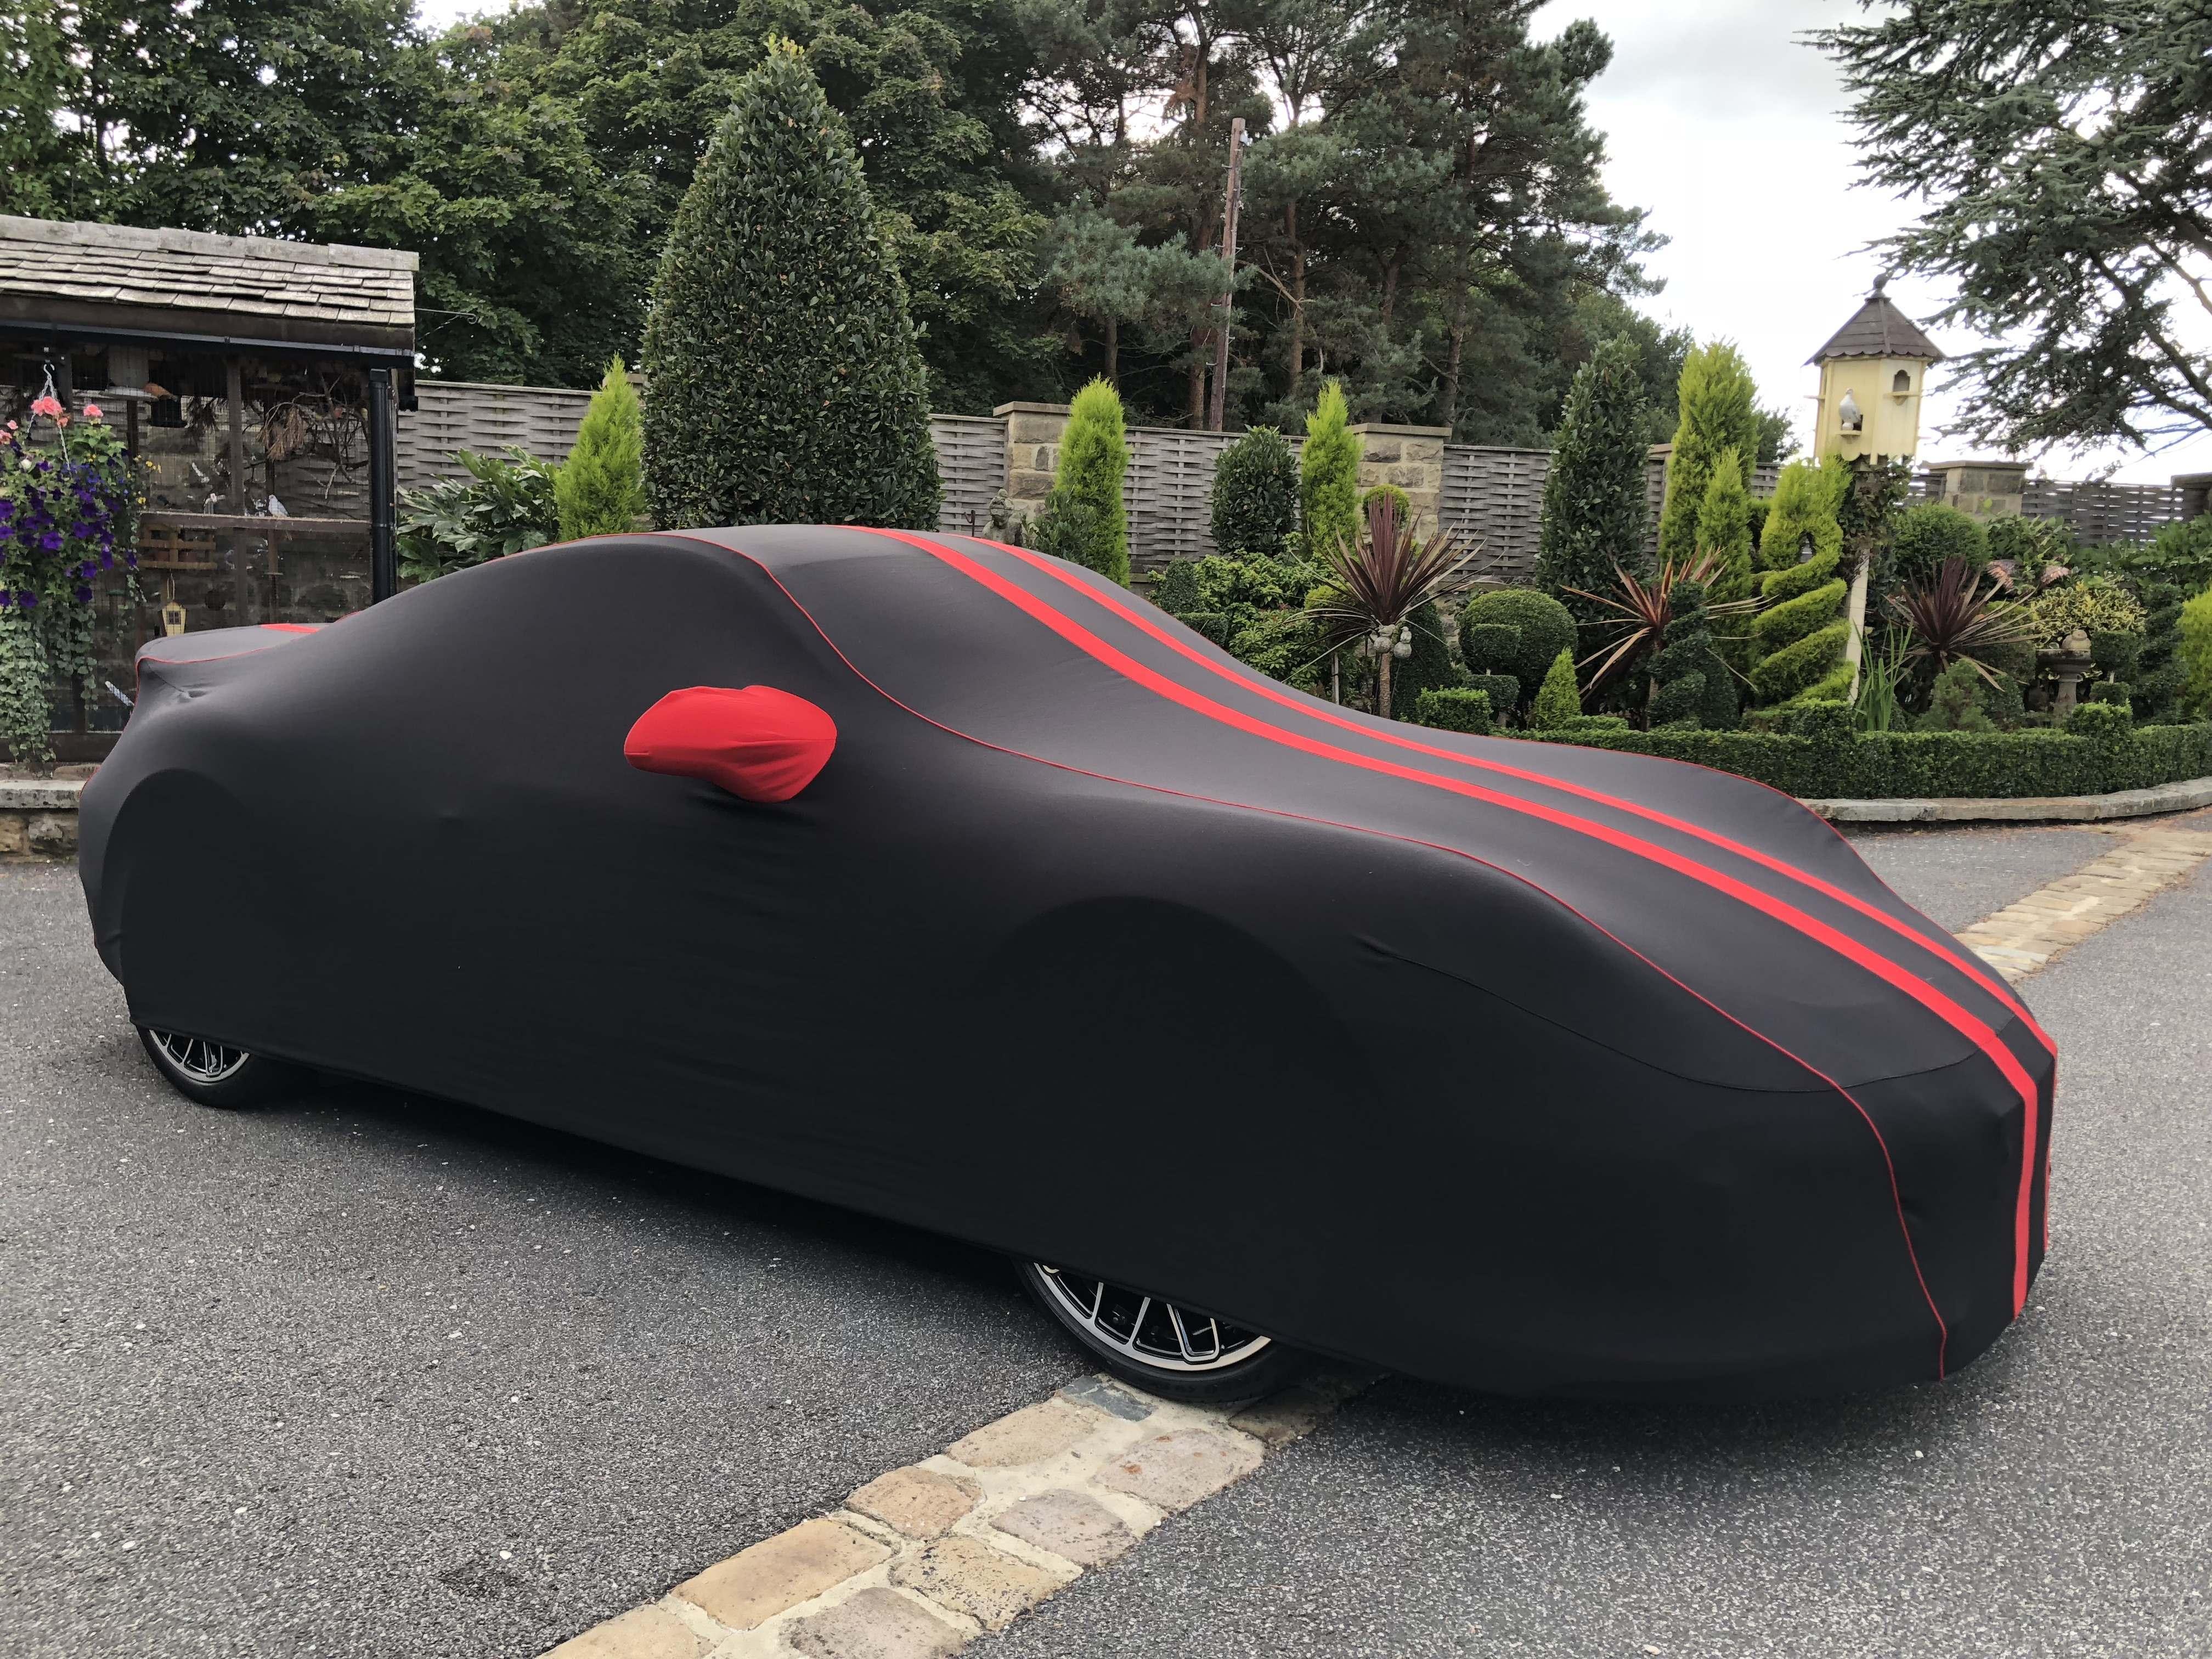 Porsche 911 covered